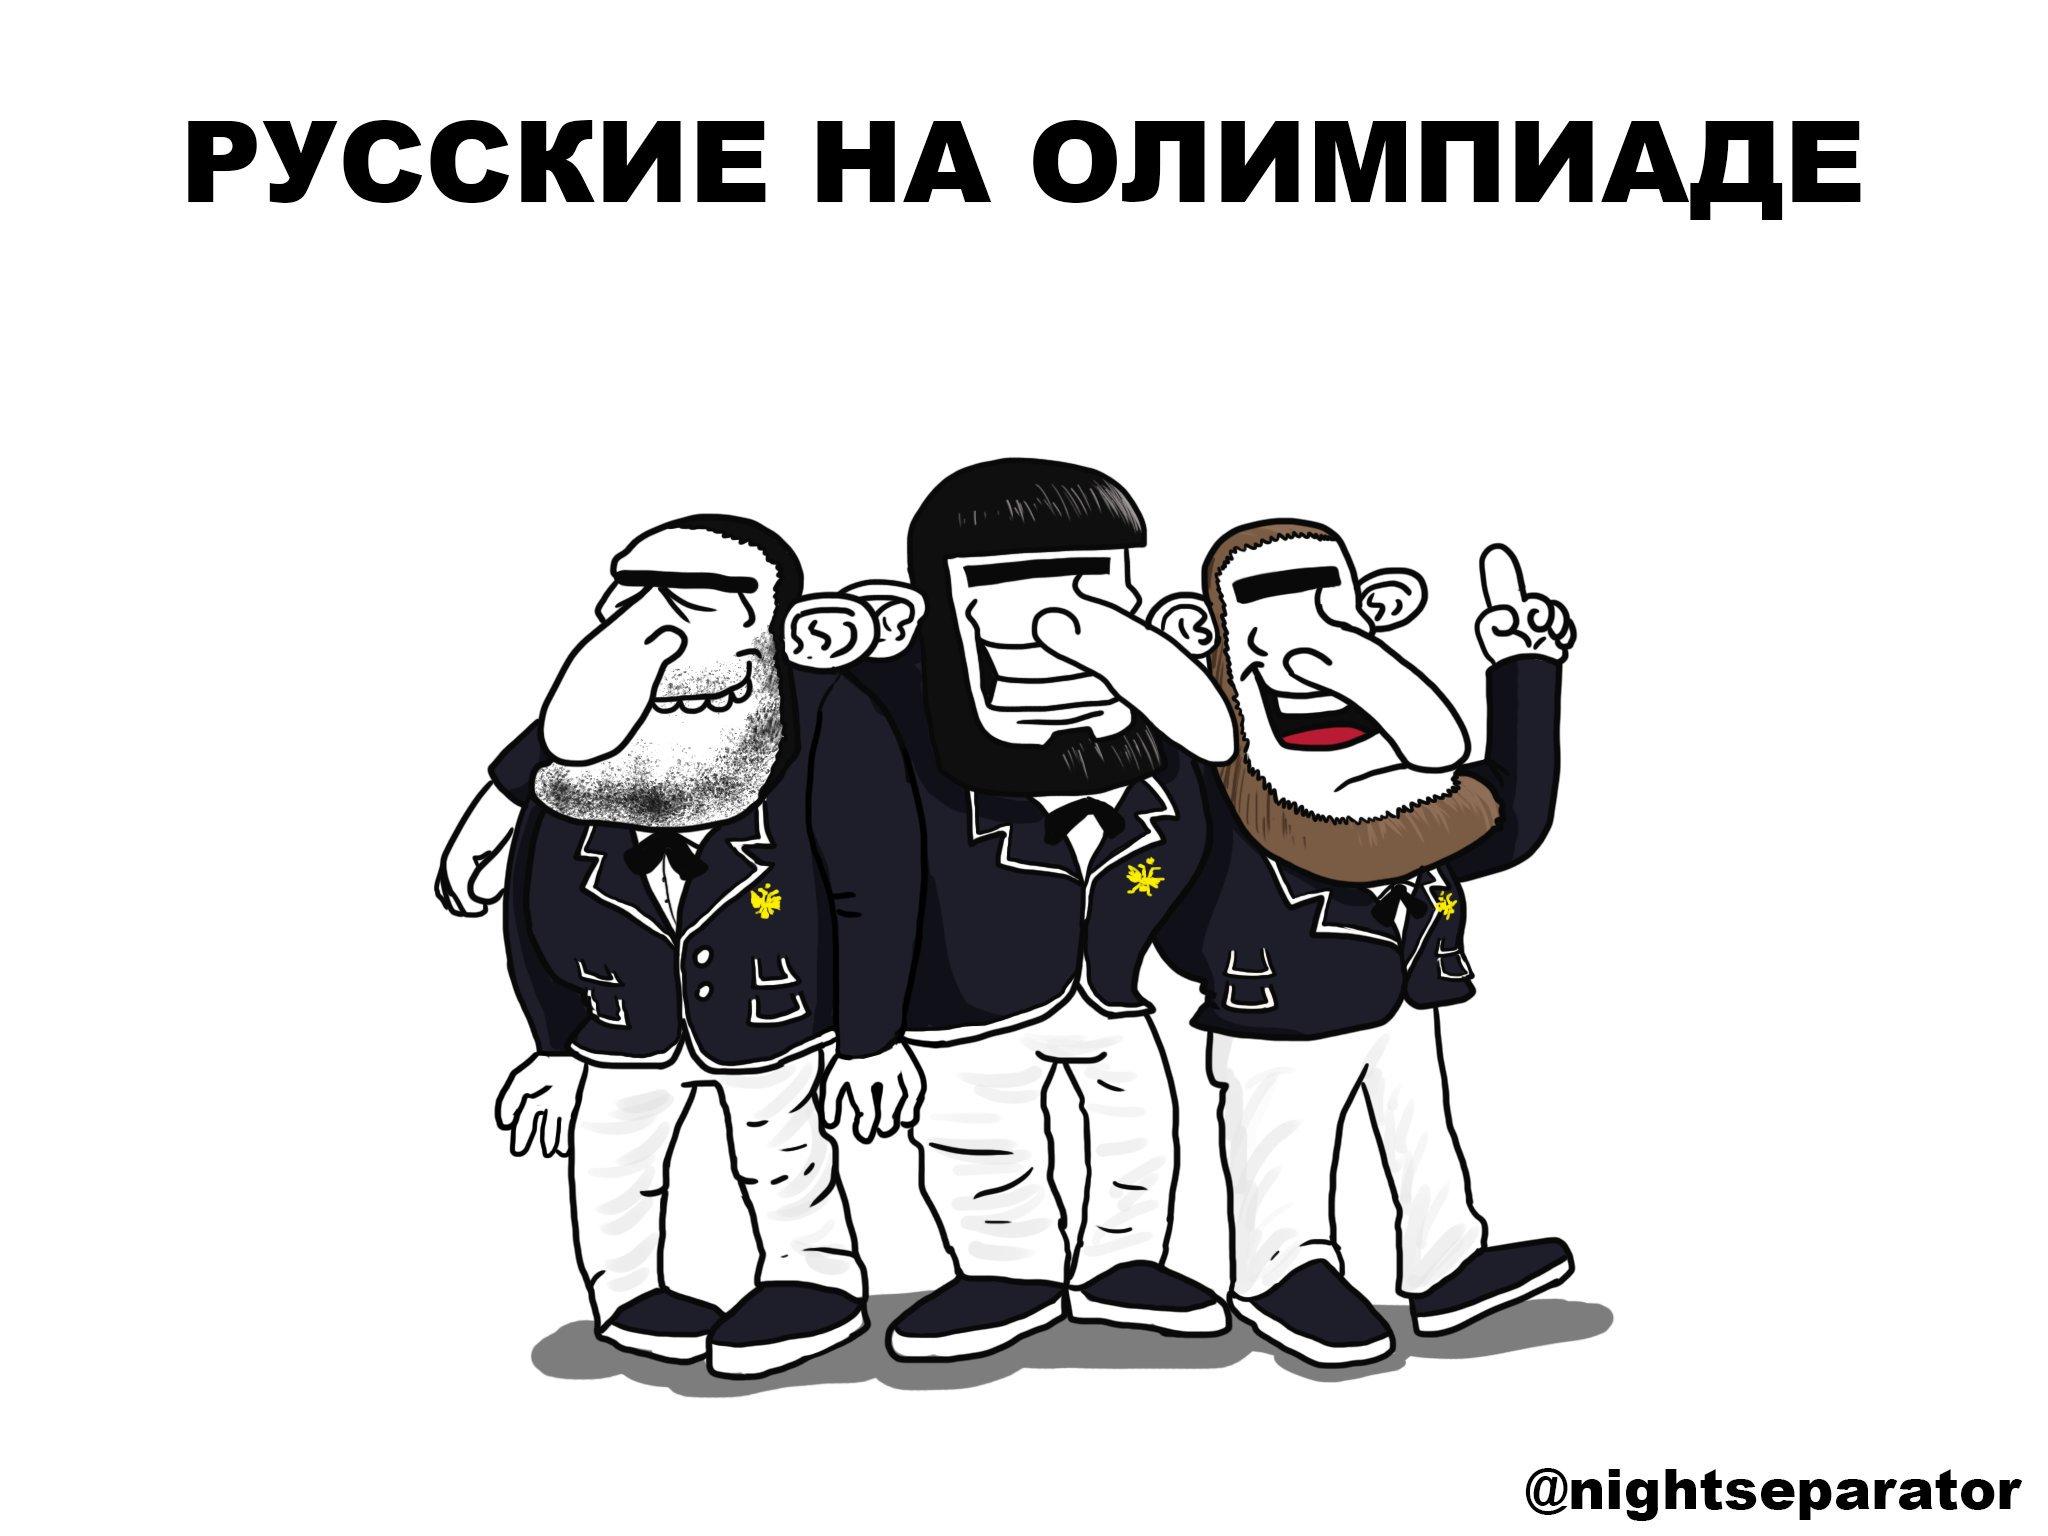 МОК лишил украинца серебряной олимпийской медали из-за допинга - Цензор.НЕТ 3920